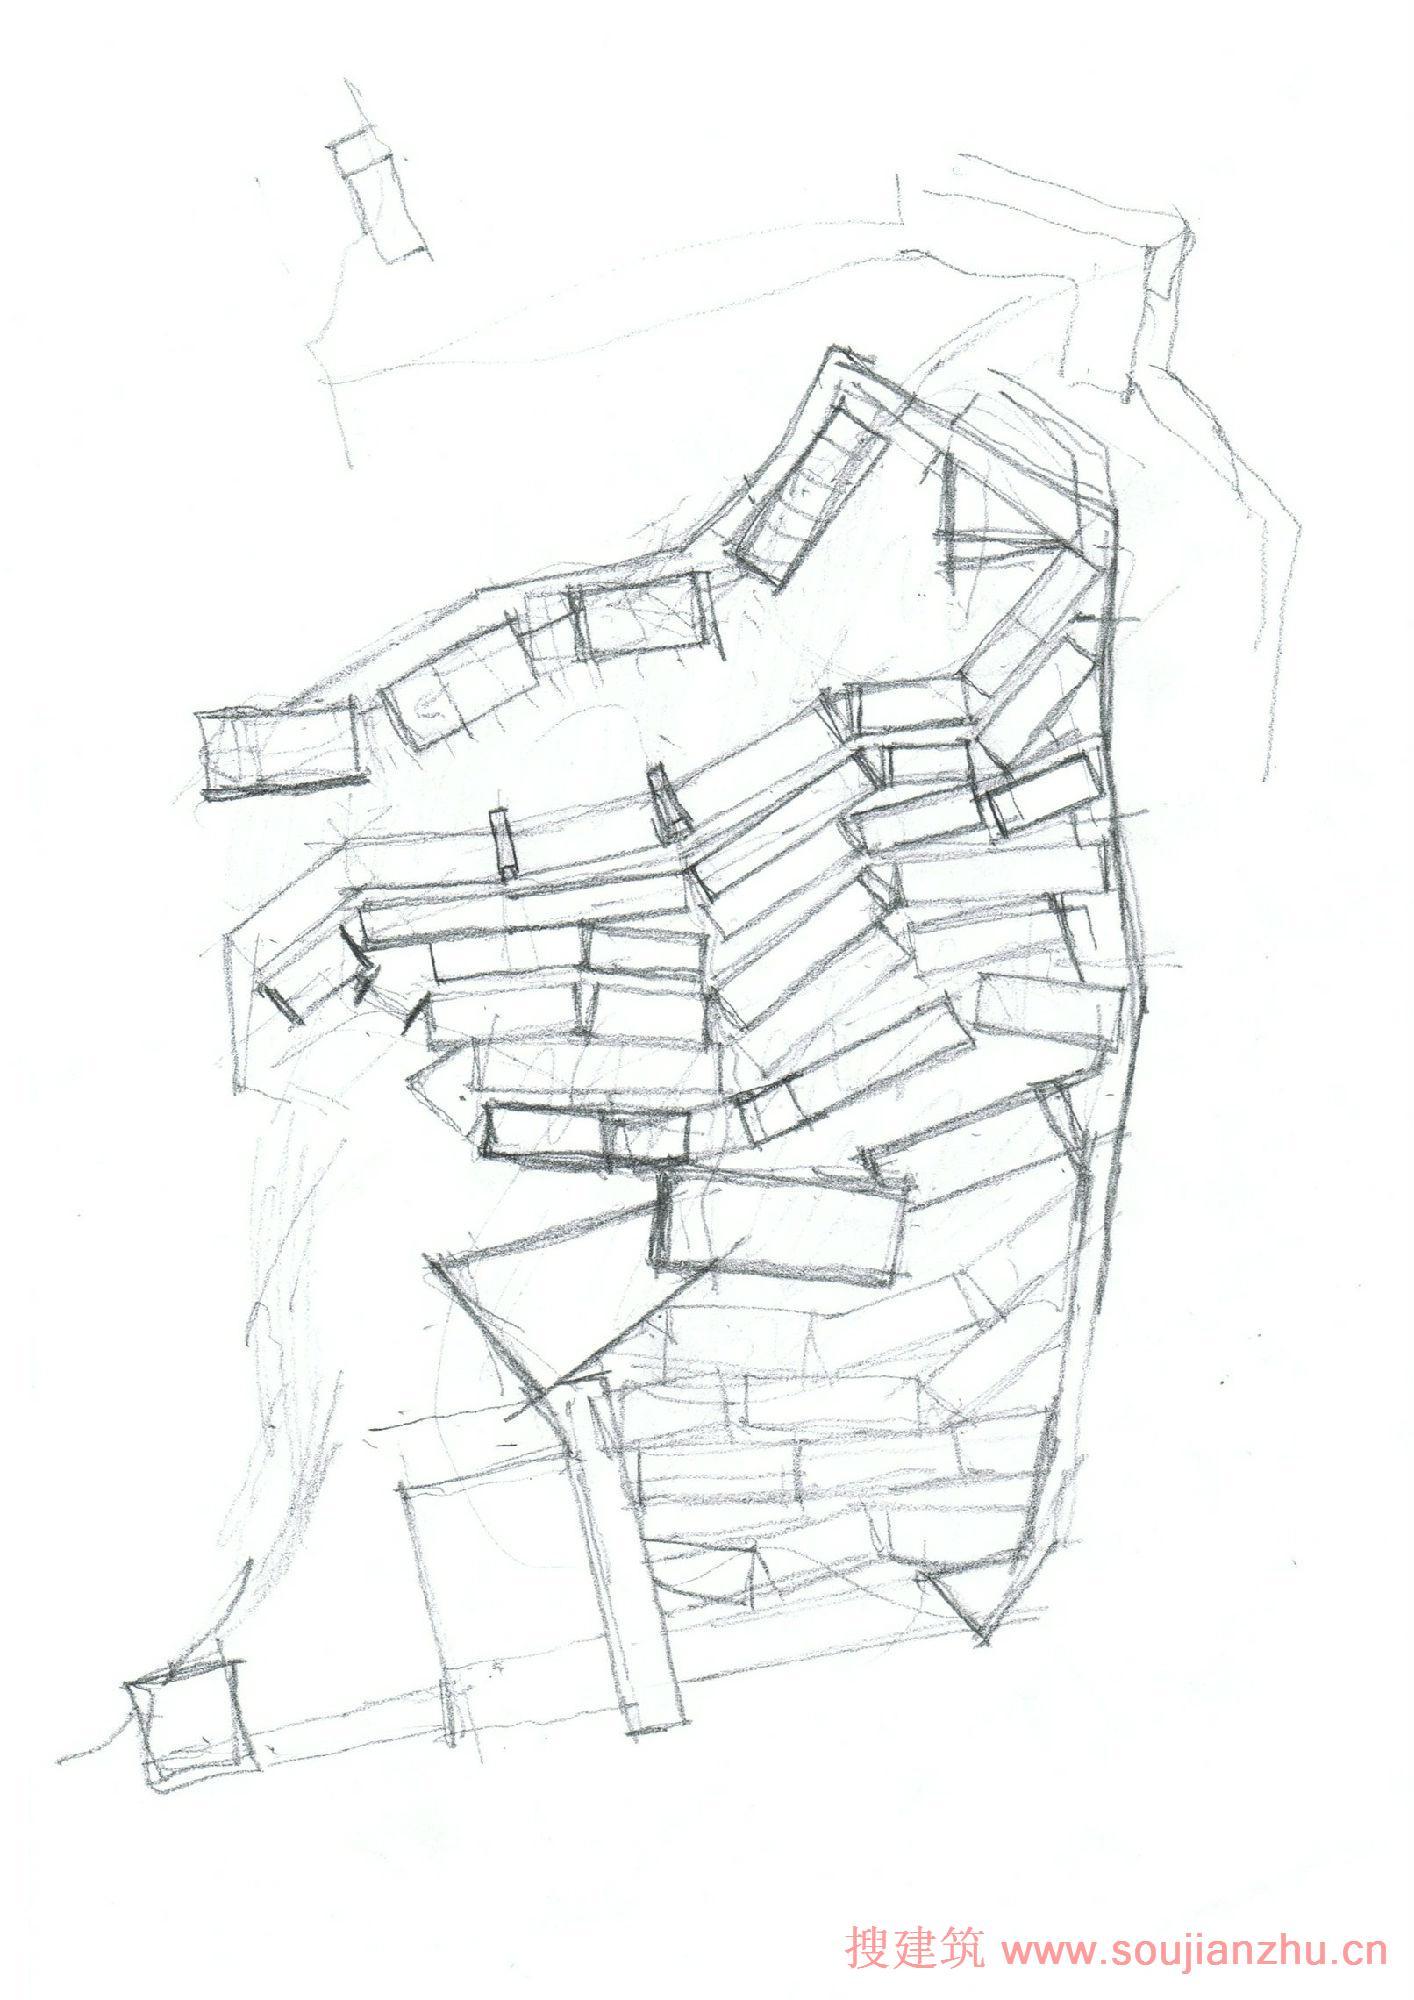 户型 户型图 简笔画 平面图 手绘 线稿 1414_2000 竖版 竖屏